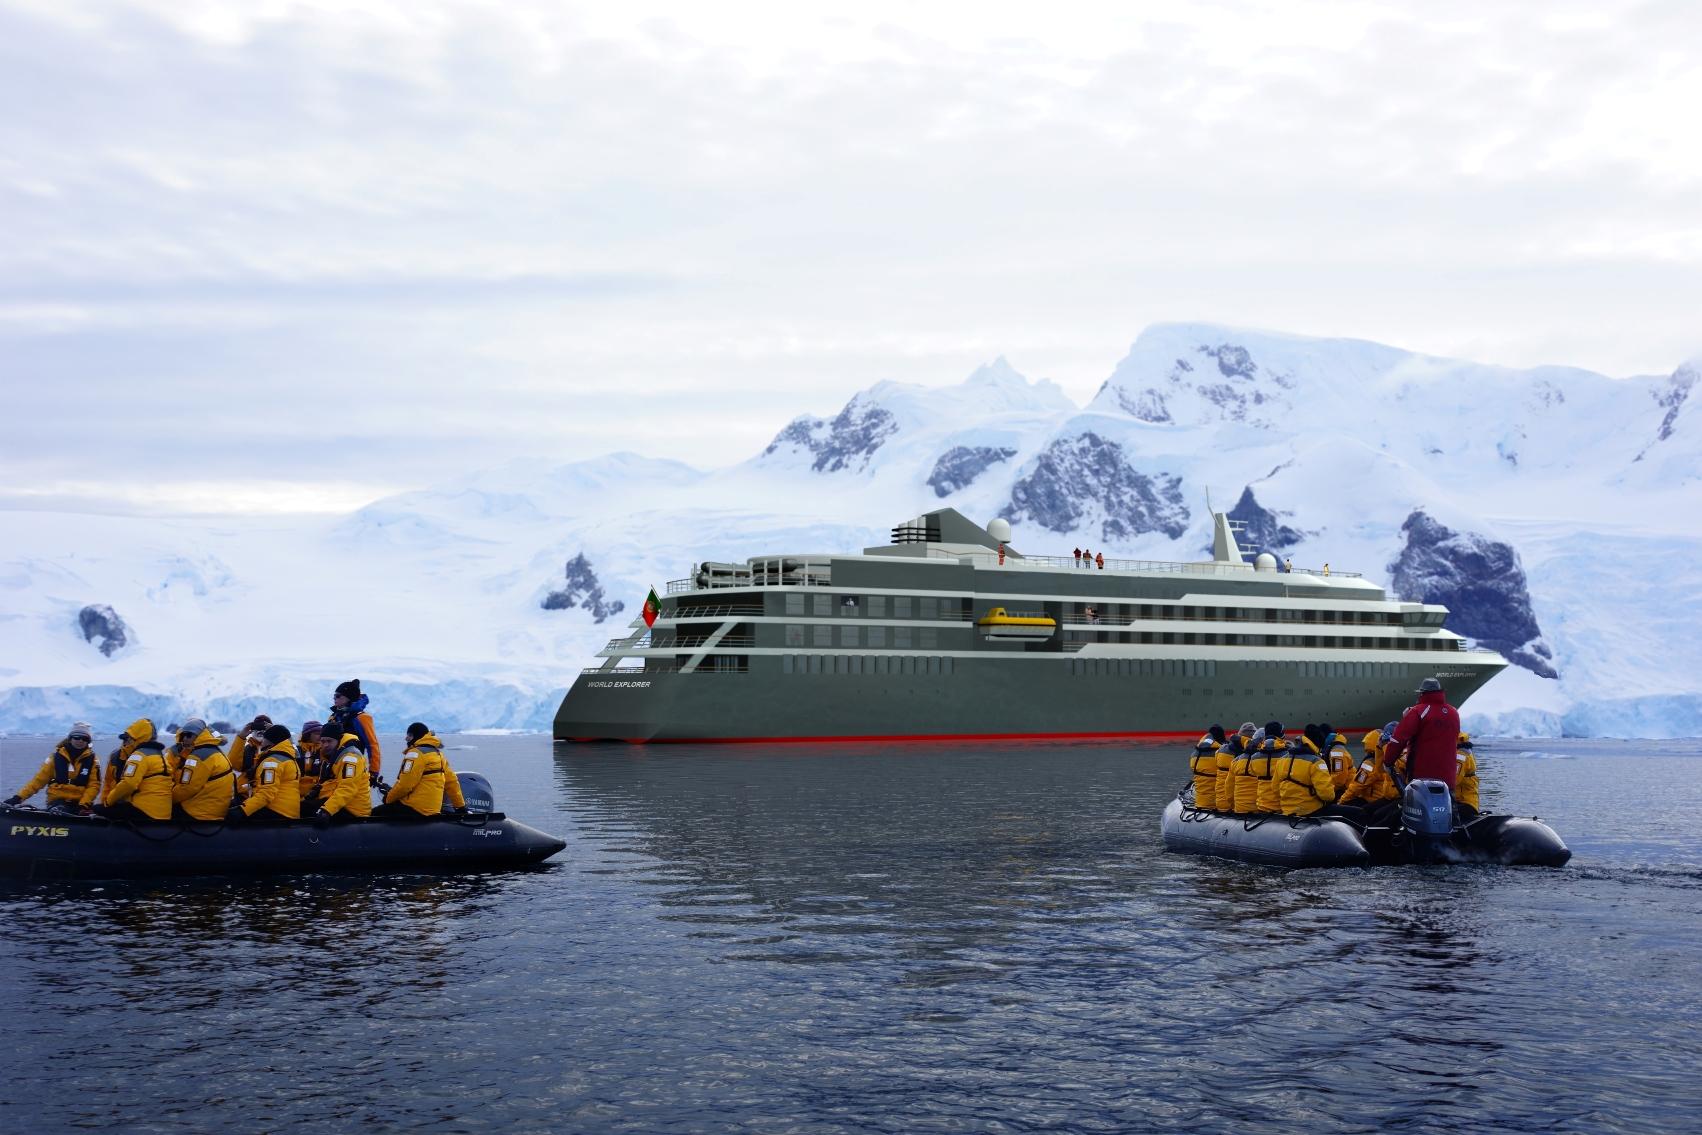 Neu im Angebot von Vista Travel: Die inspirierenden Routen der nicko cruises WORLD EXPLORER Expeditionsyacht ab 2019 sind ab sofort buchbar